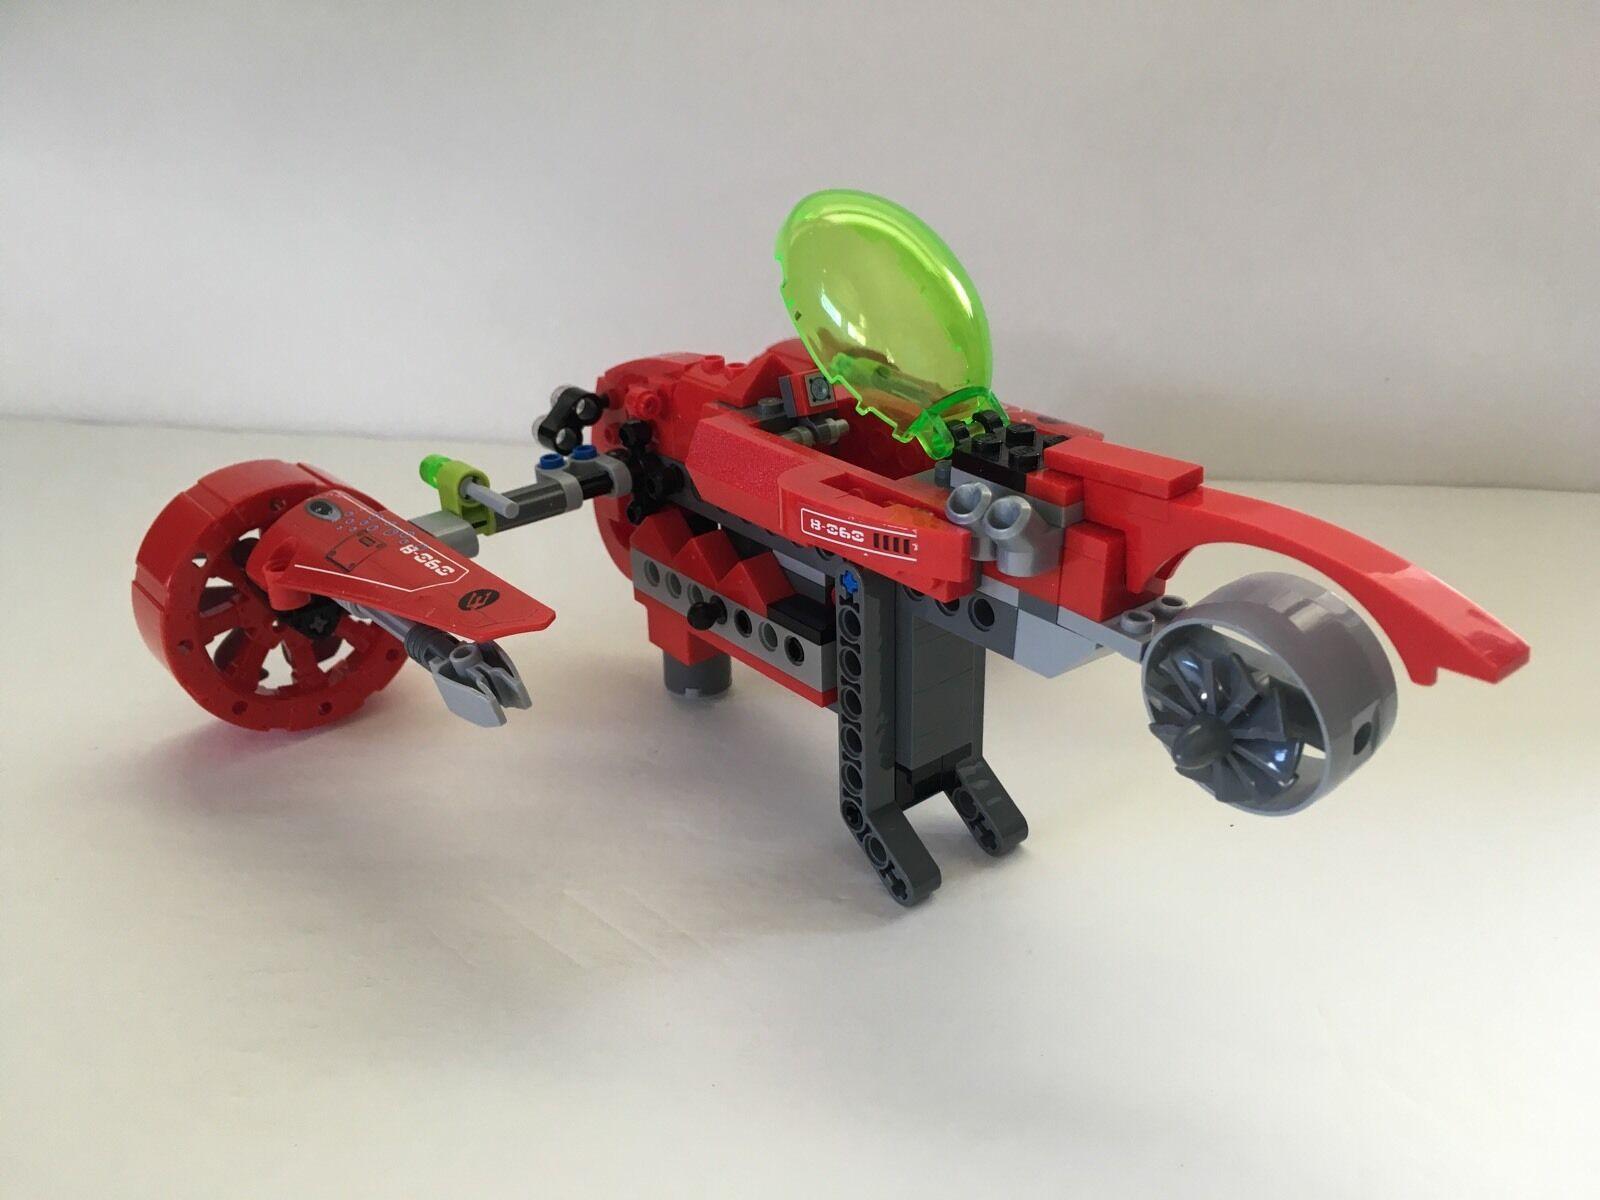 Lego Atlantis Atlantis Atlantis 8060 Typhoon Turbo Sub 797509